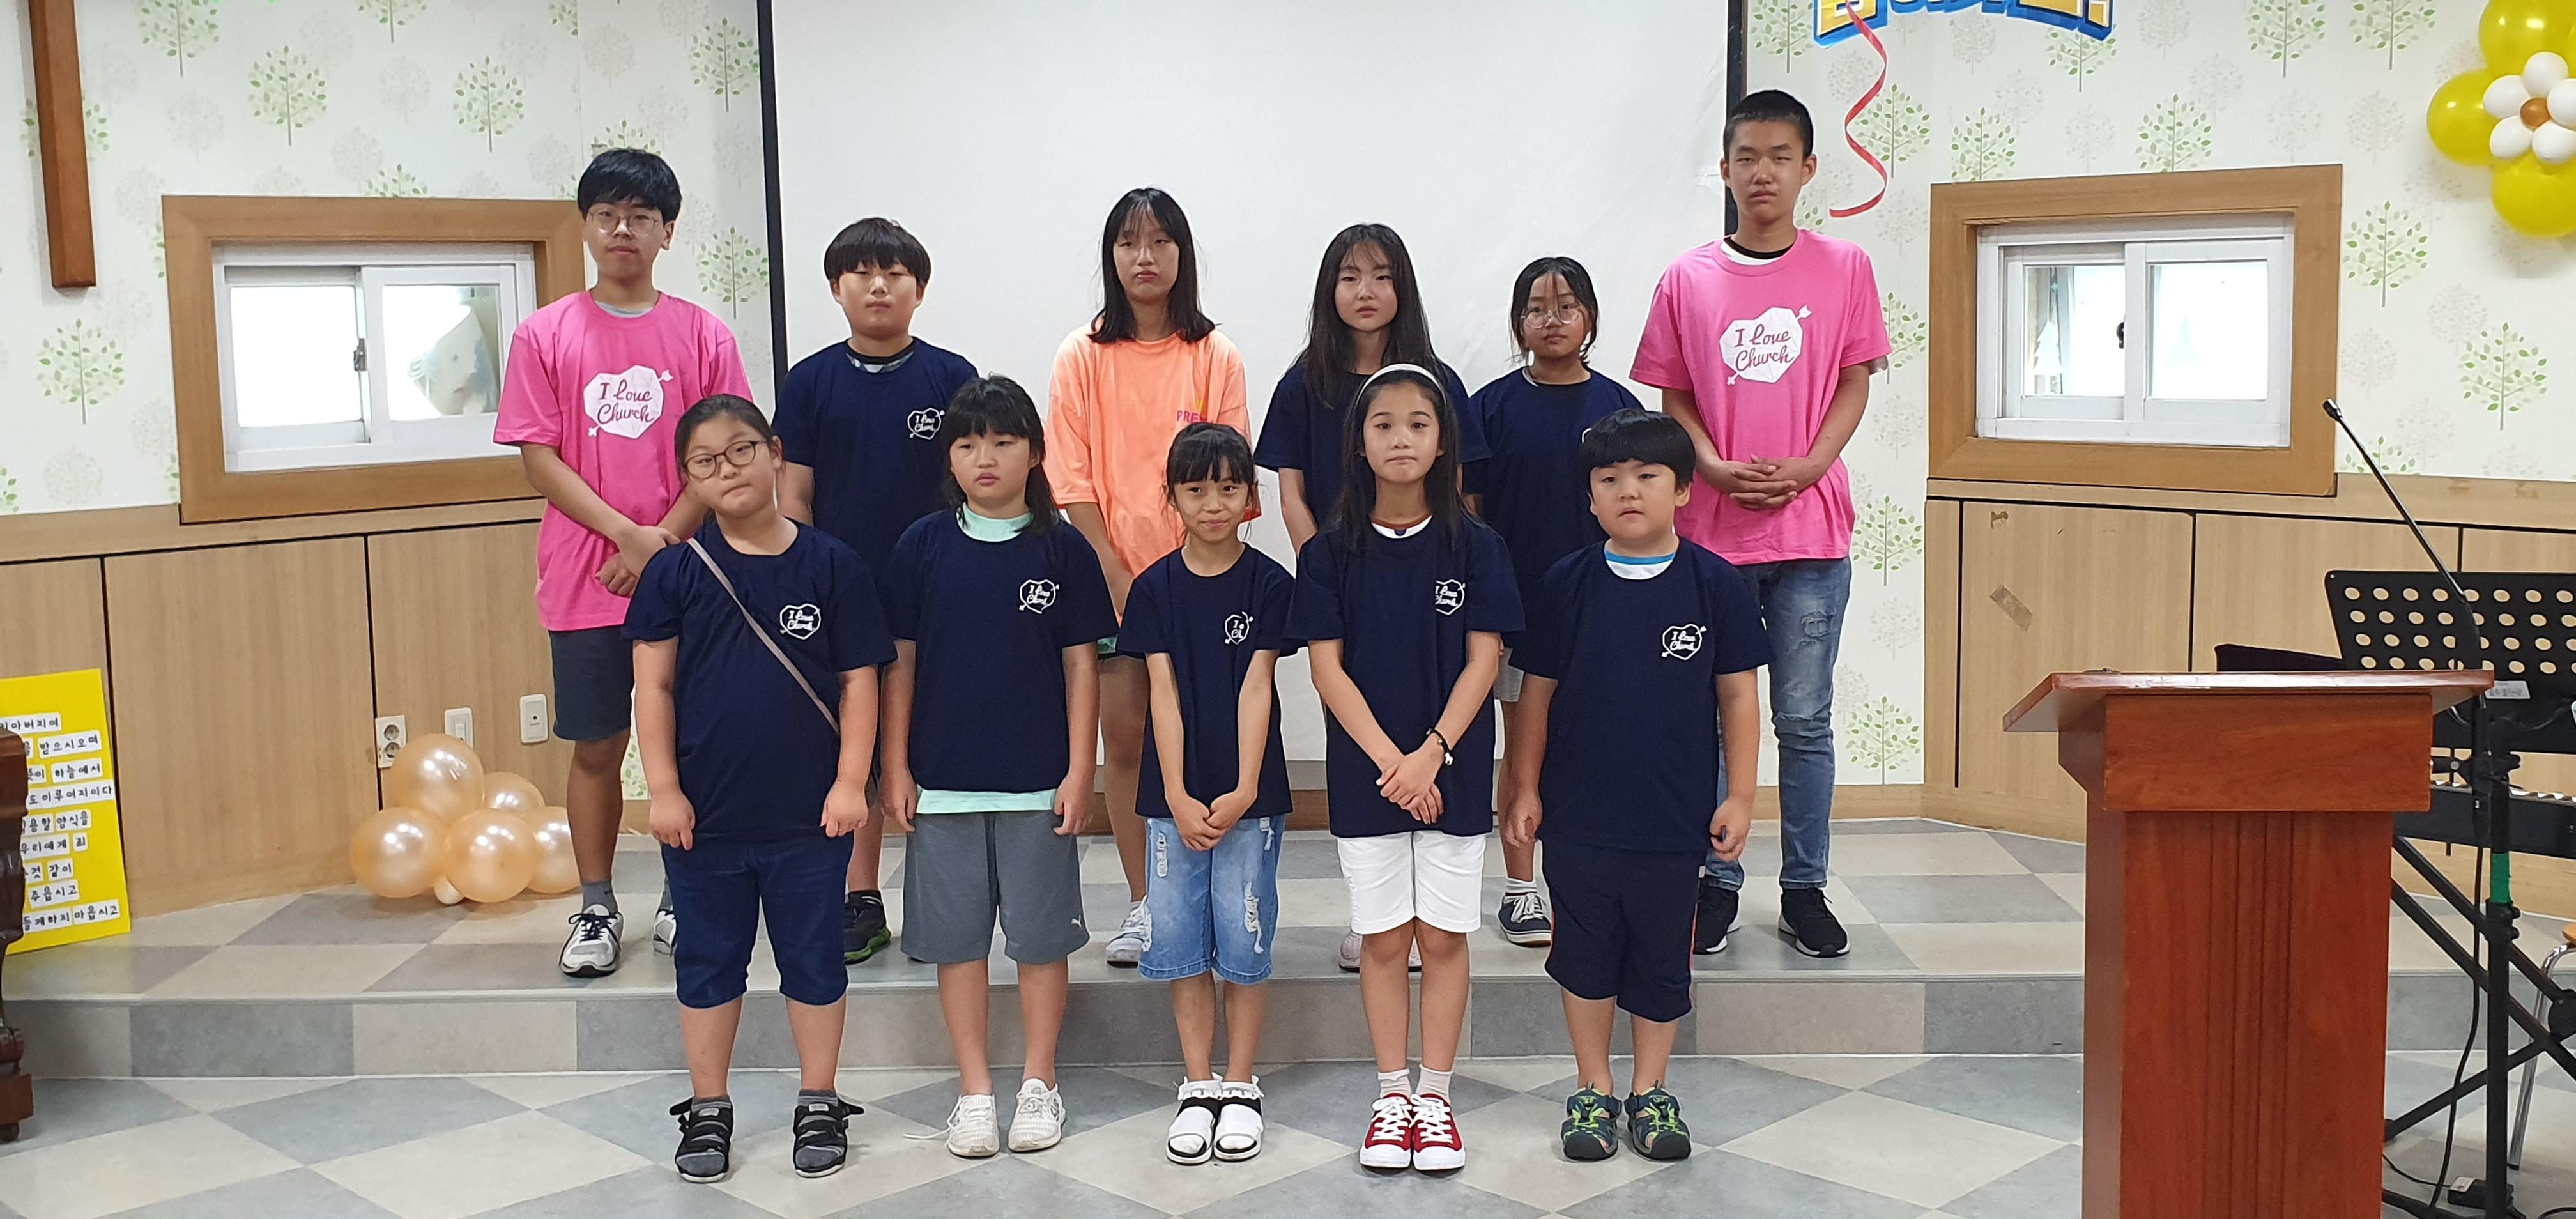 은혜와사랑 CTS 어린이영어합창단 창단